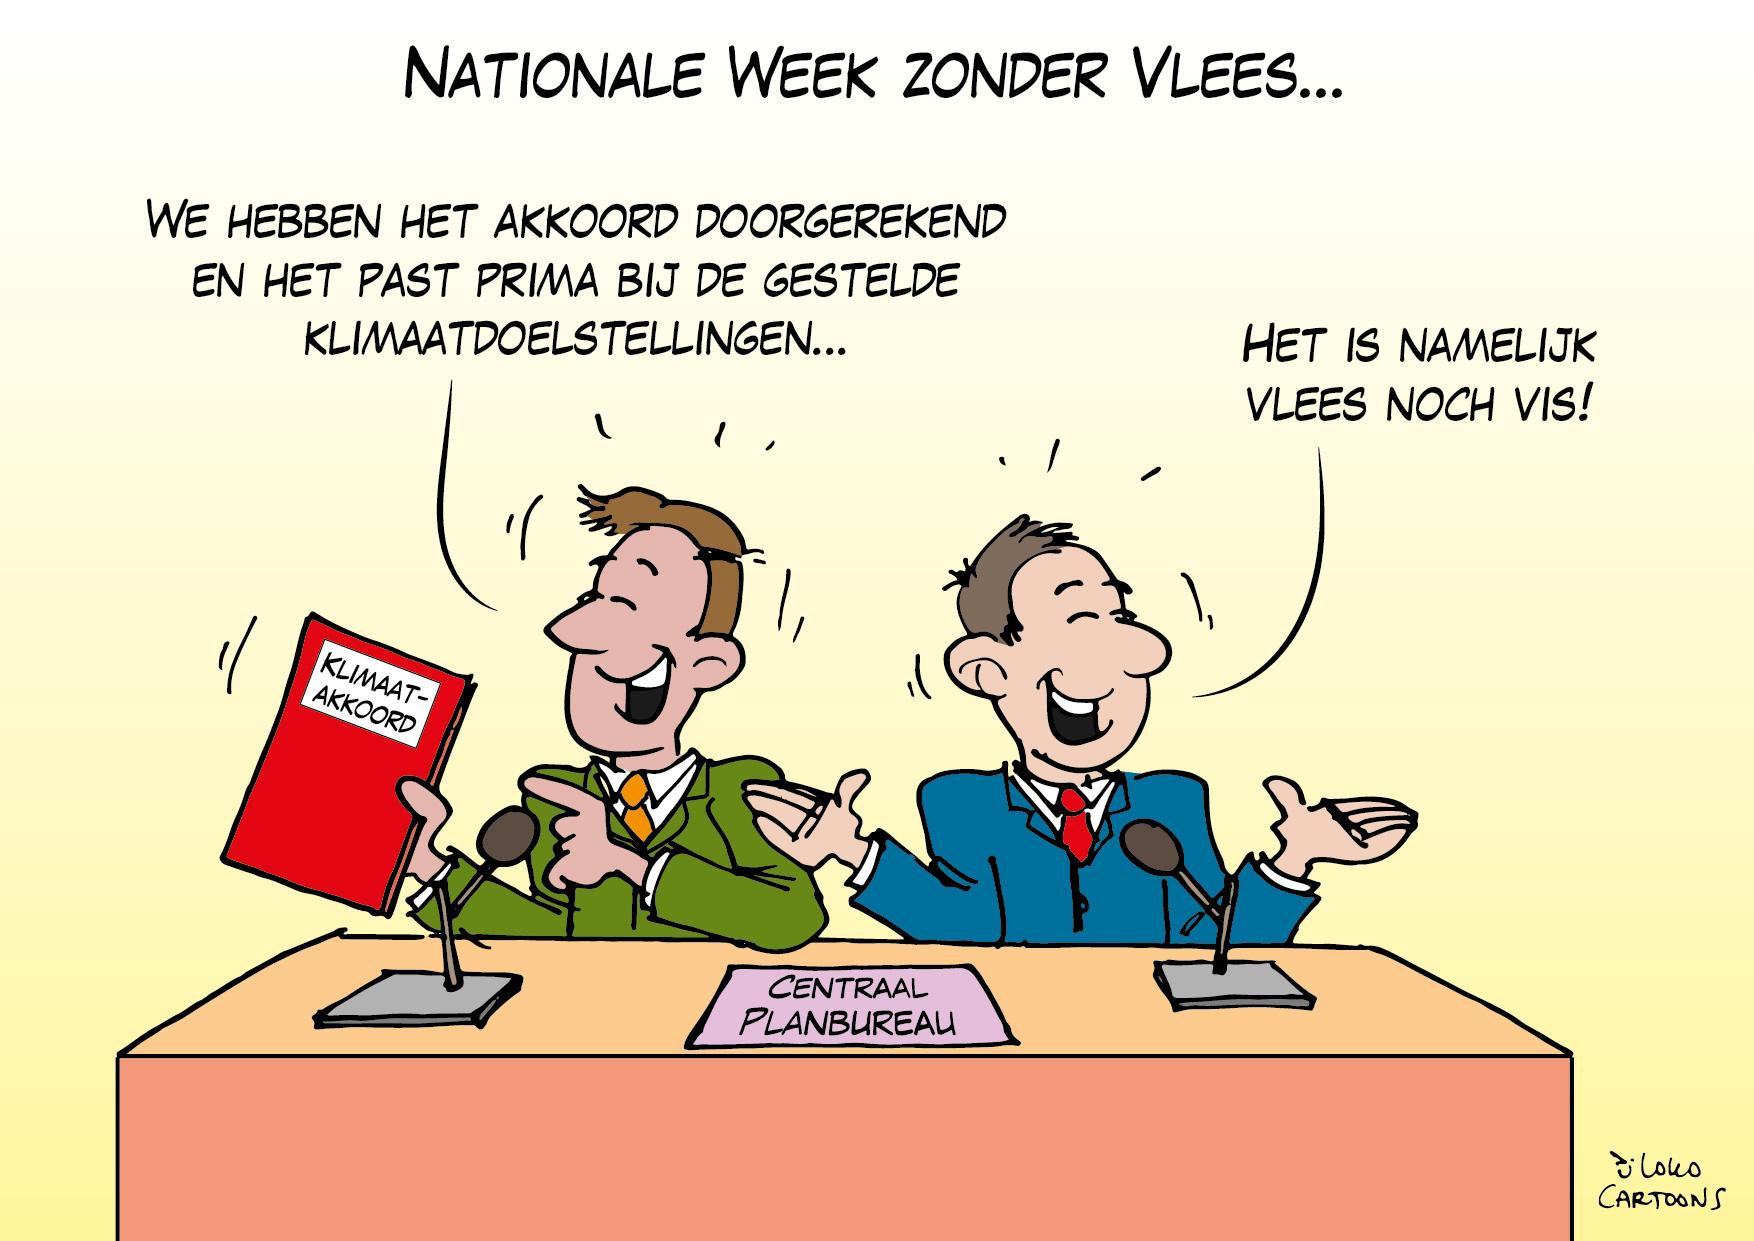 Nationale week zonder vlees…